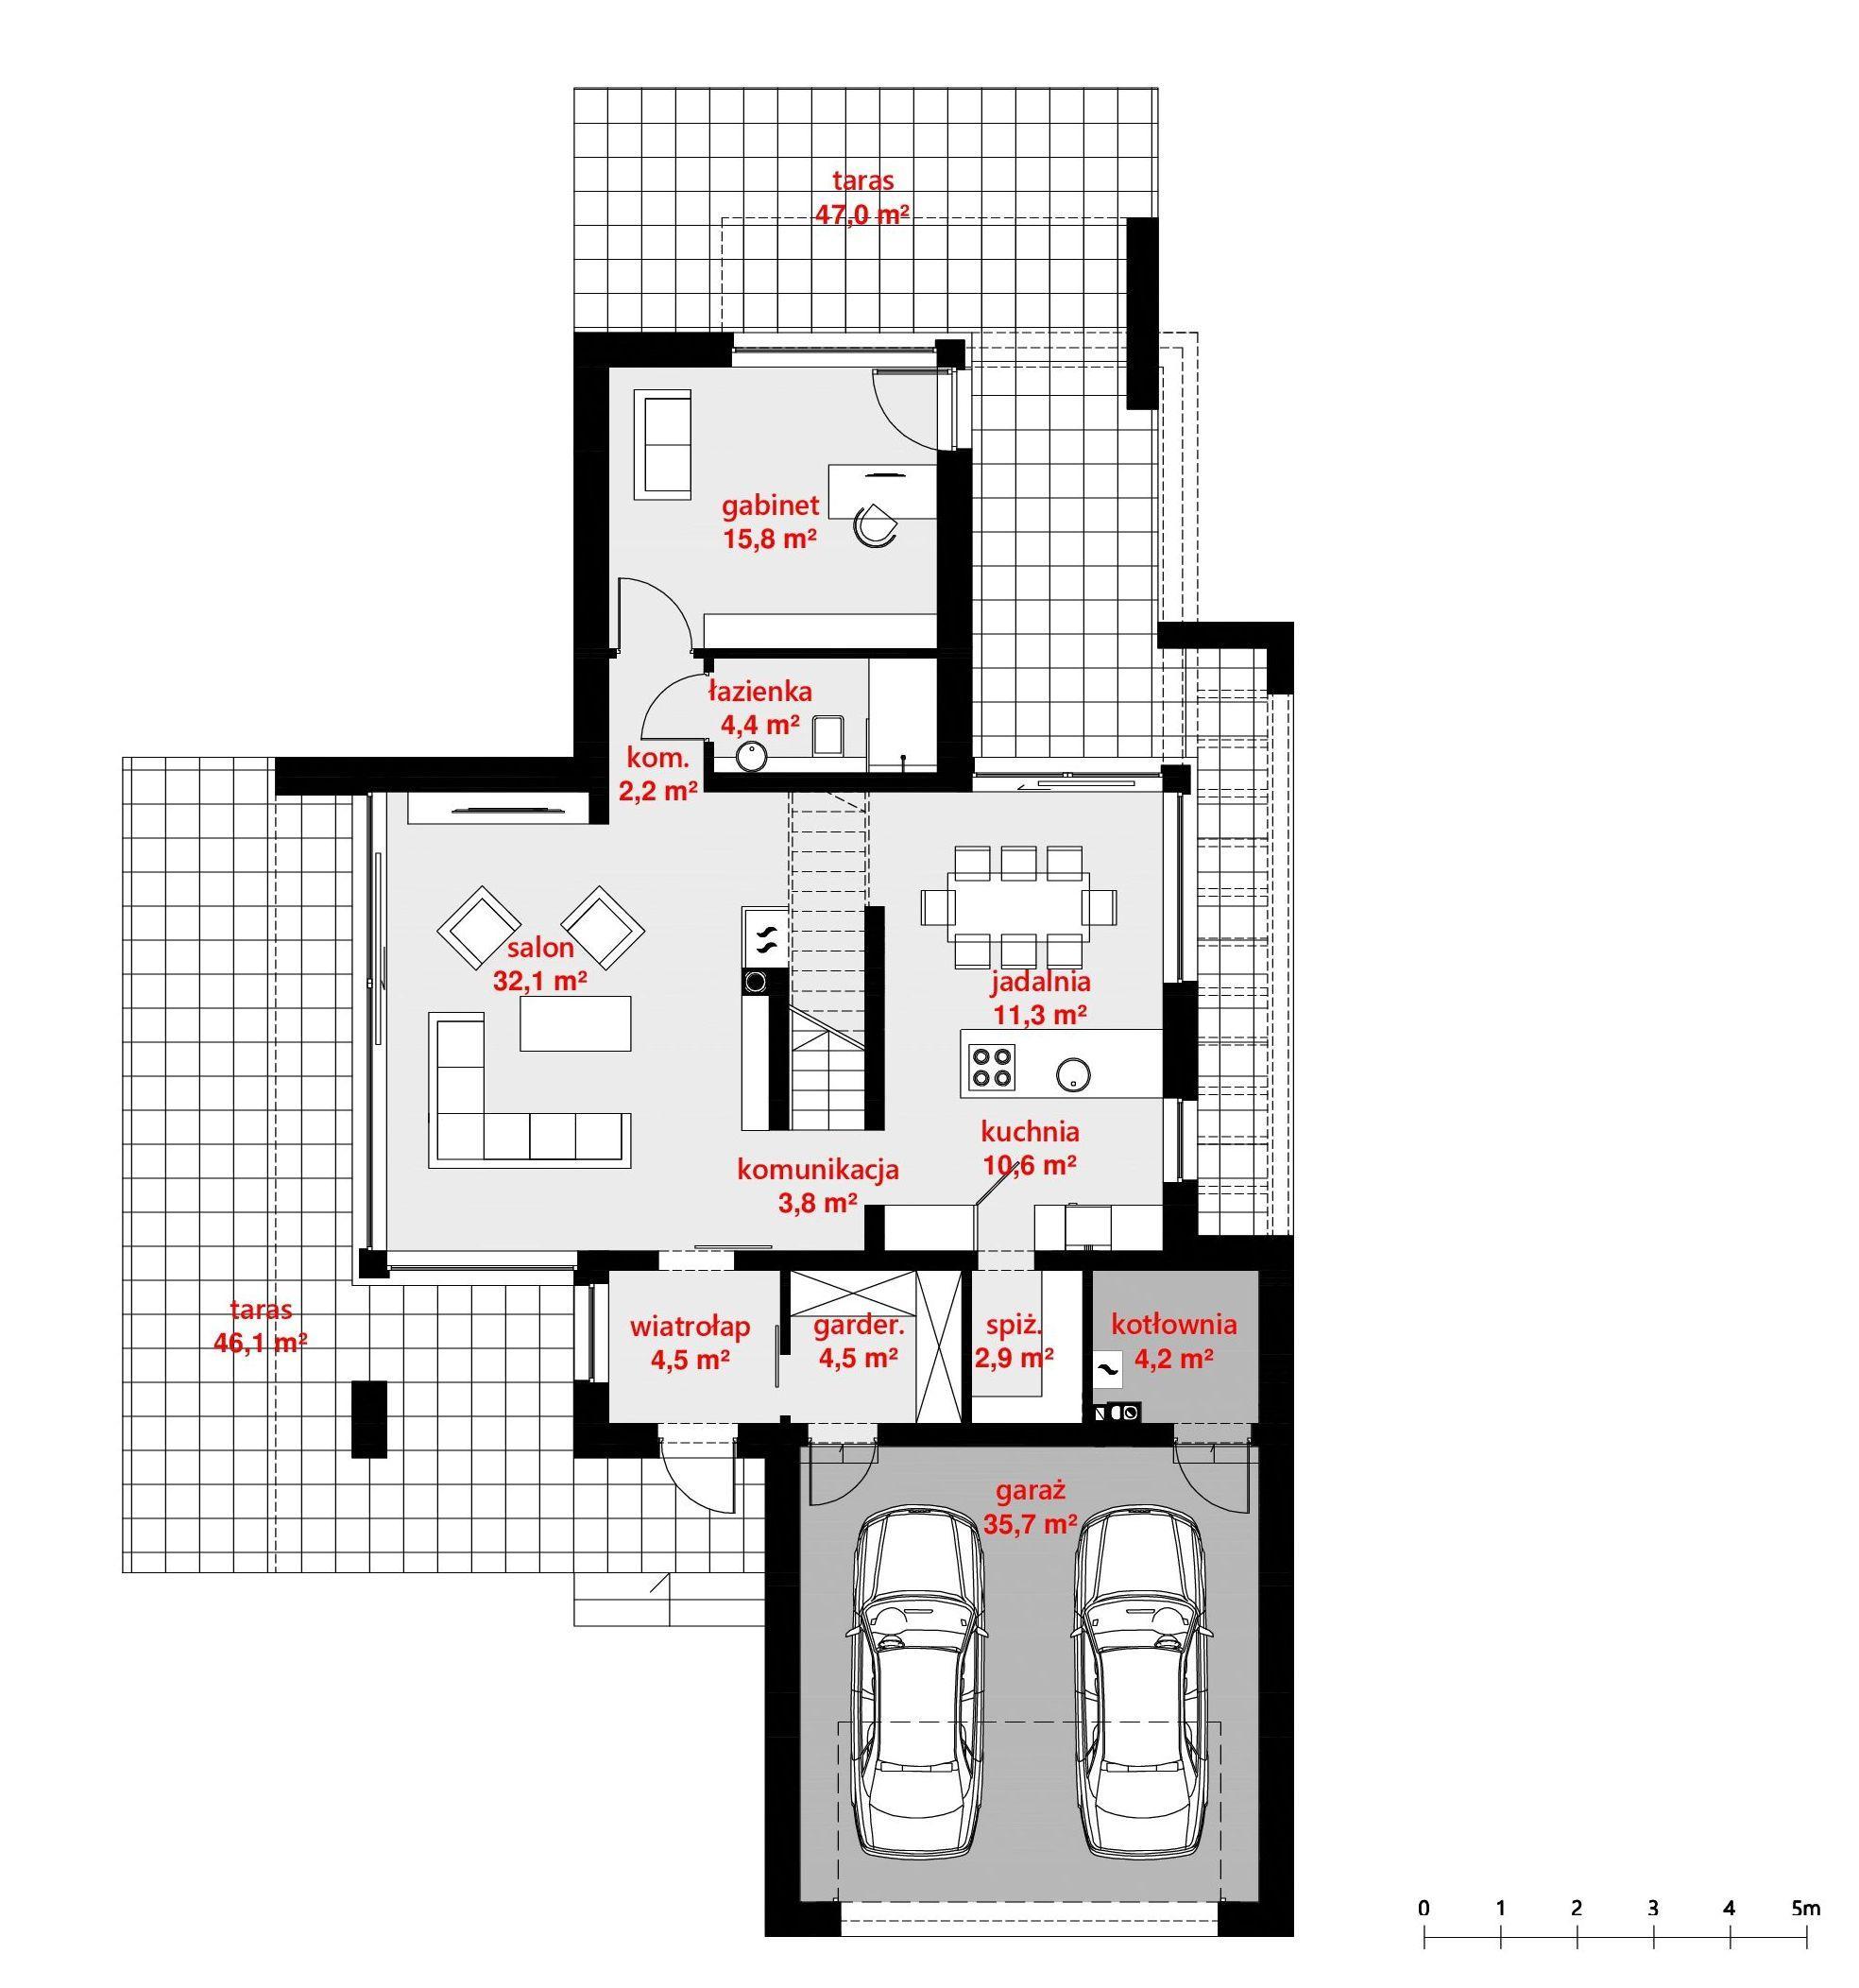 Планировка проекта k51